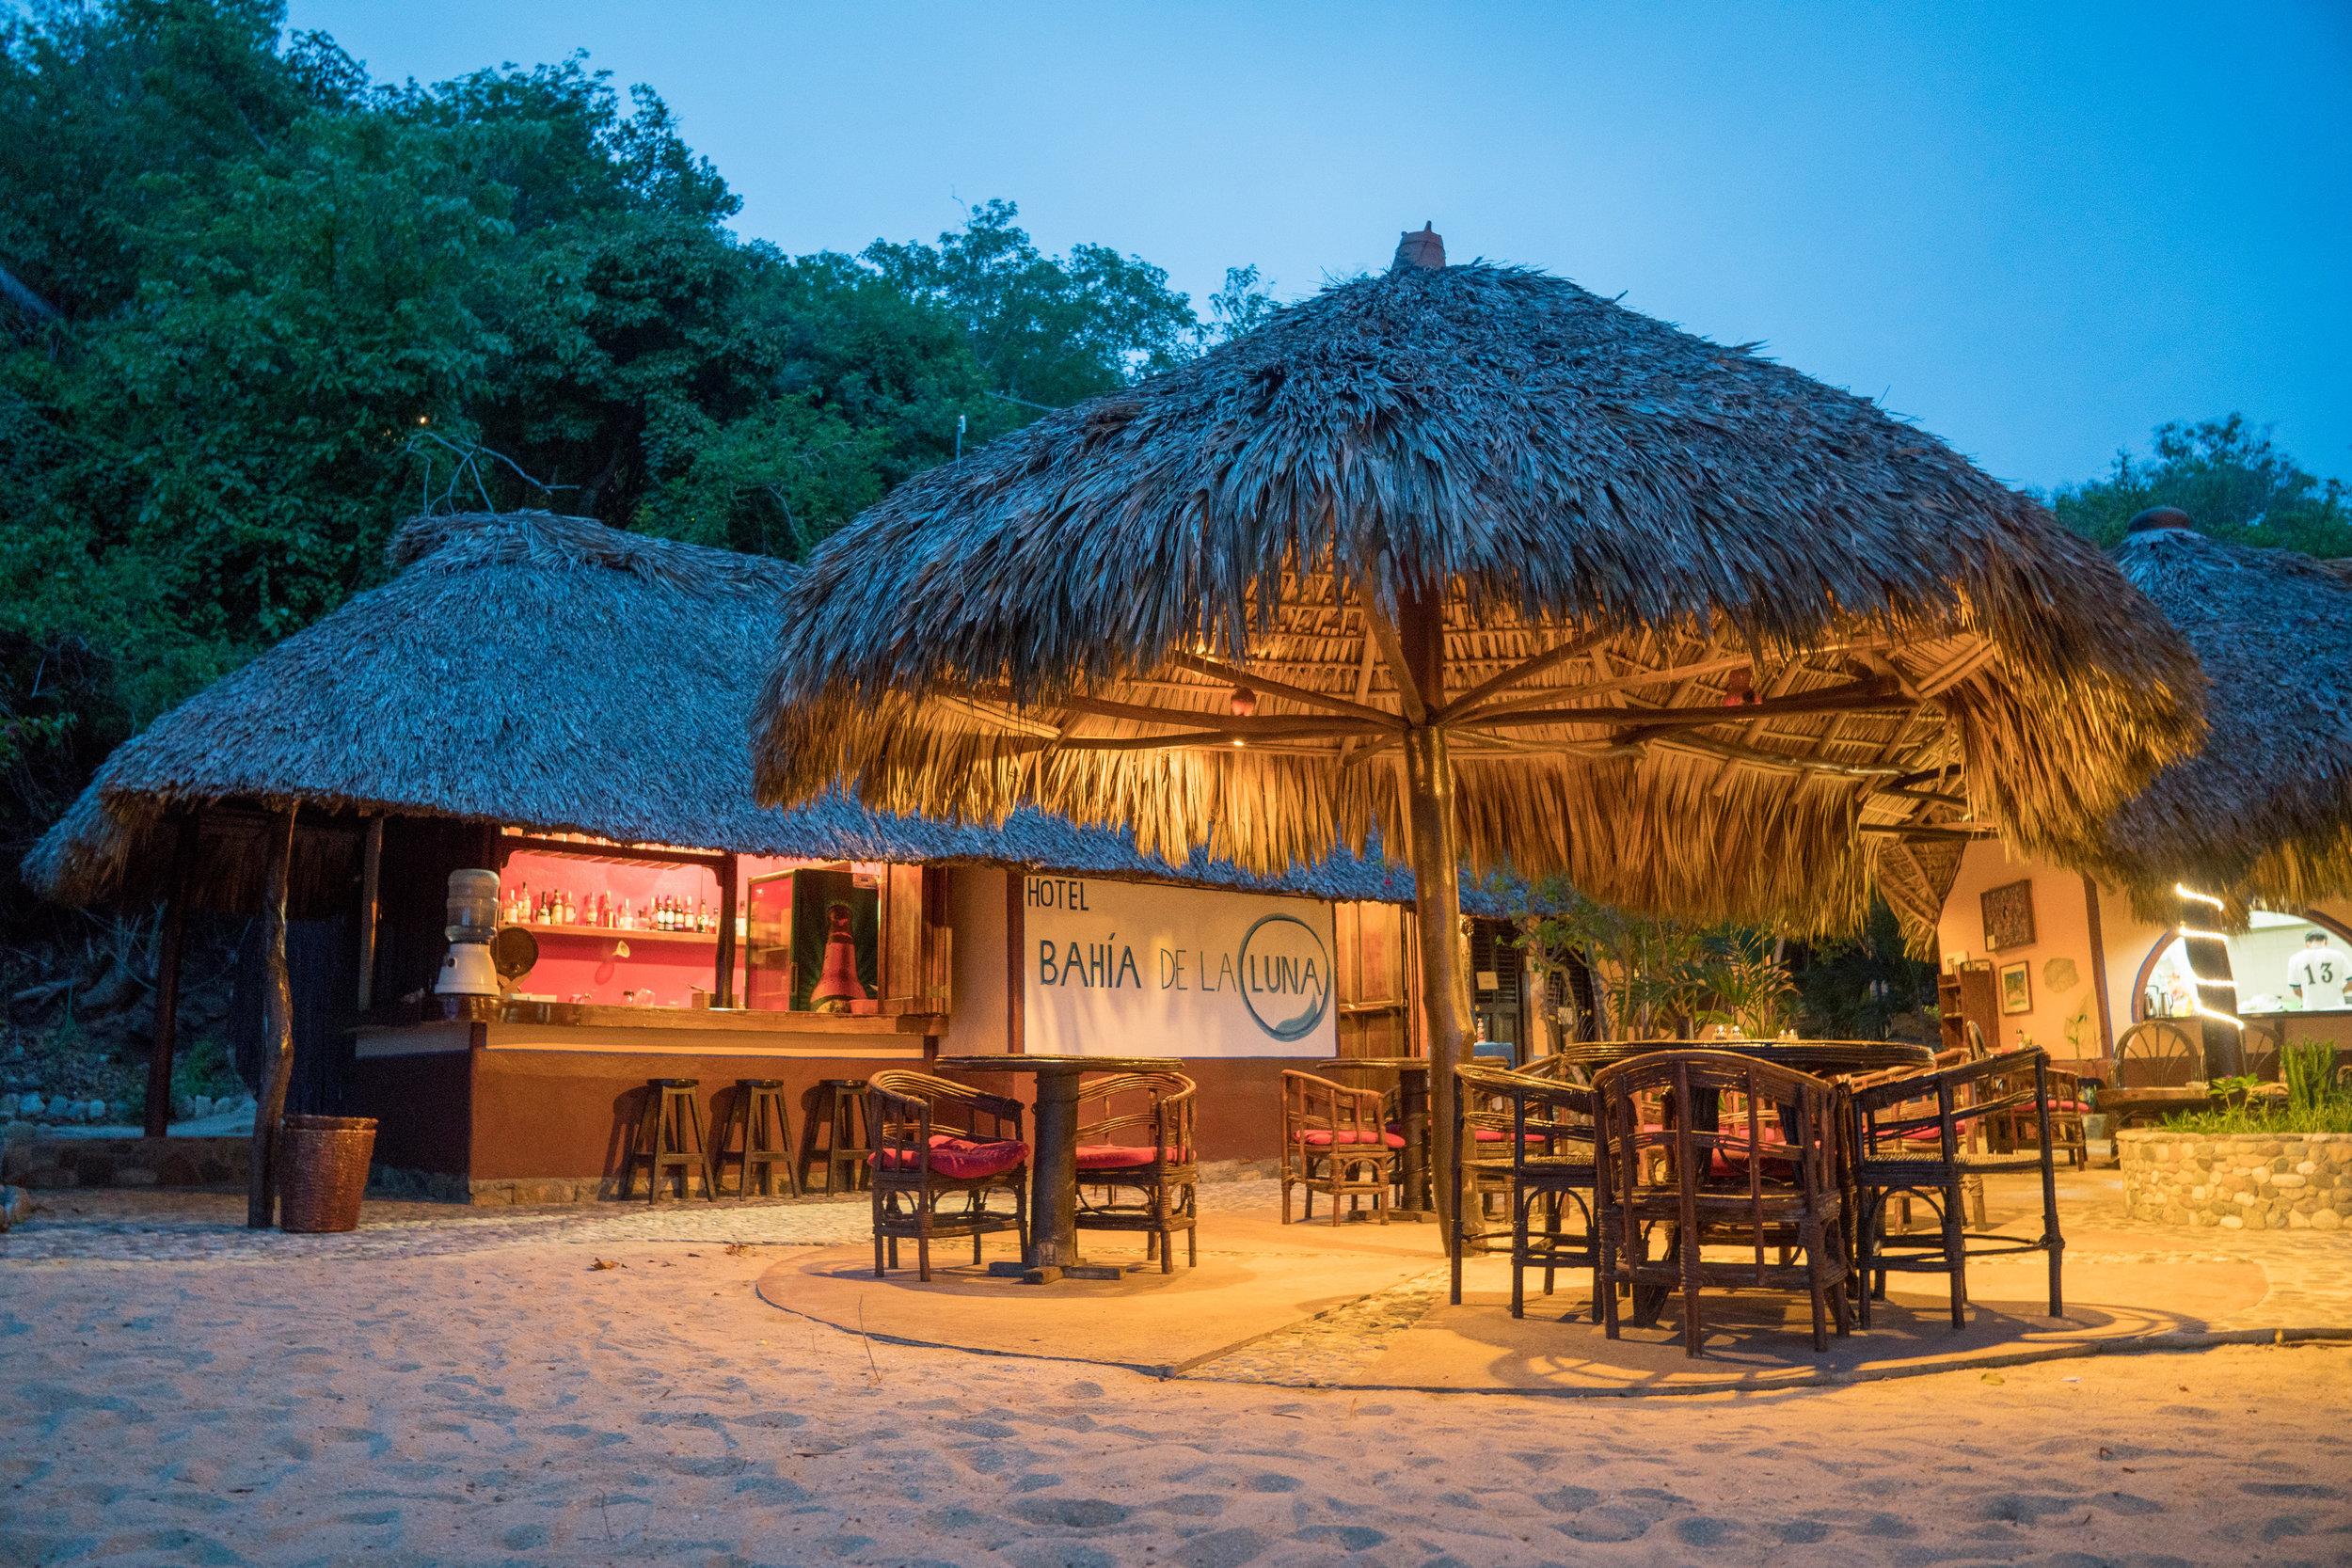 Hotel Bahía de la Luna Bar